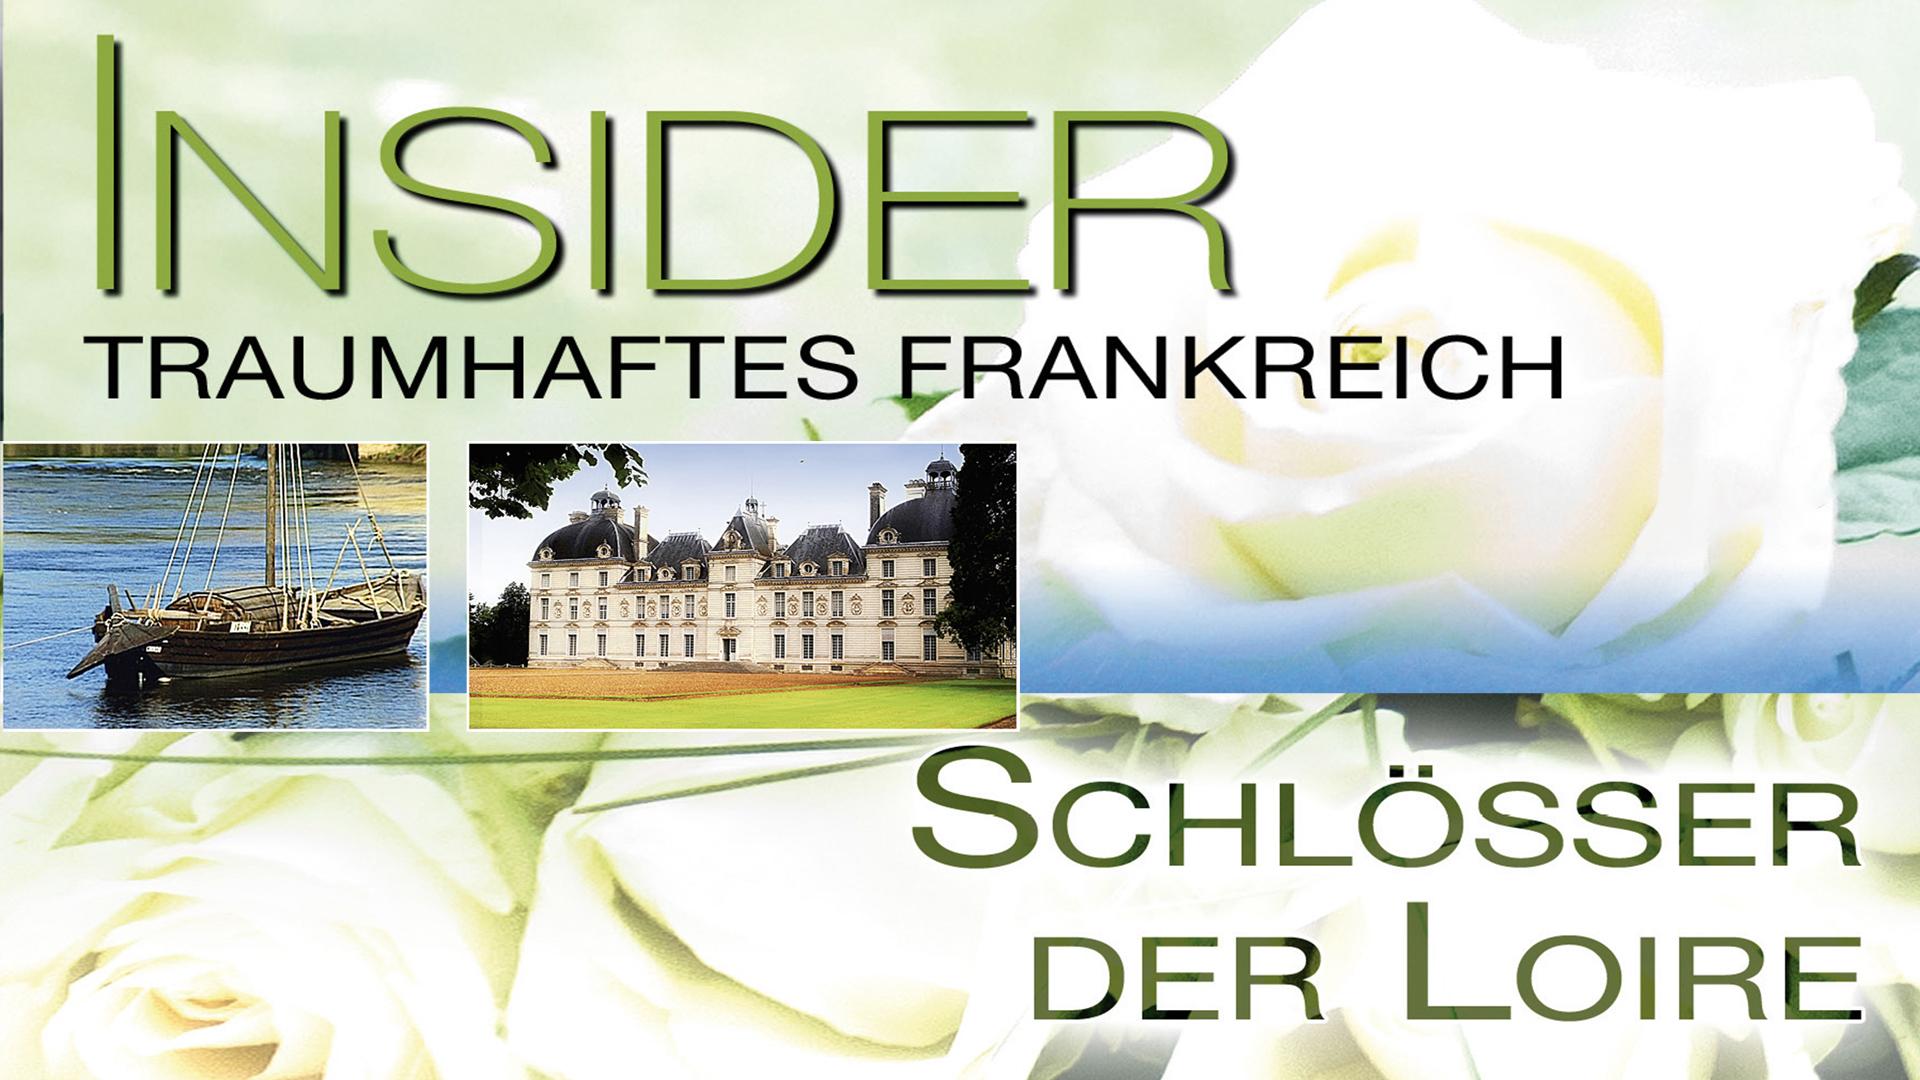 Insider Frankreich - Schösser der Loire